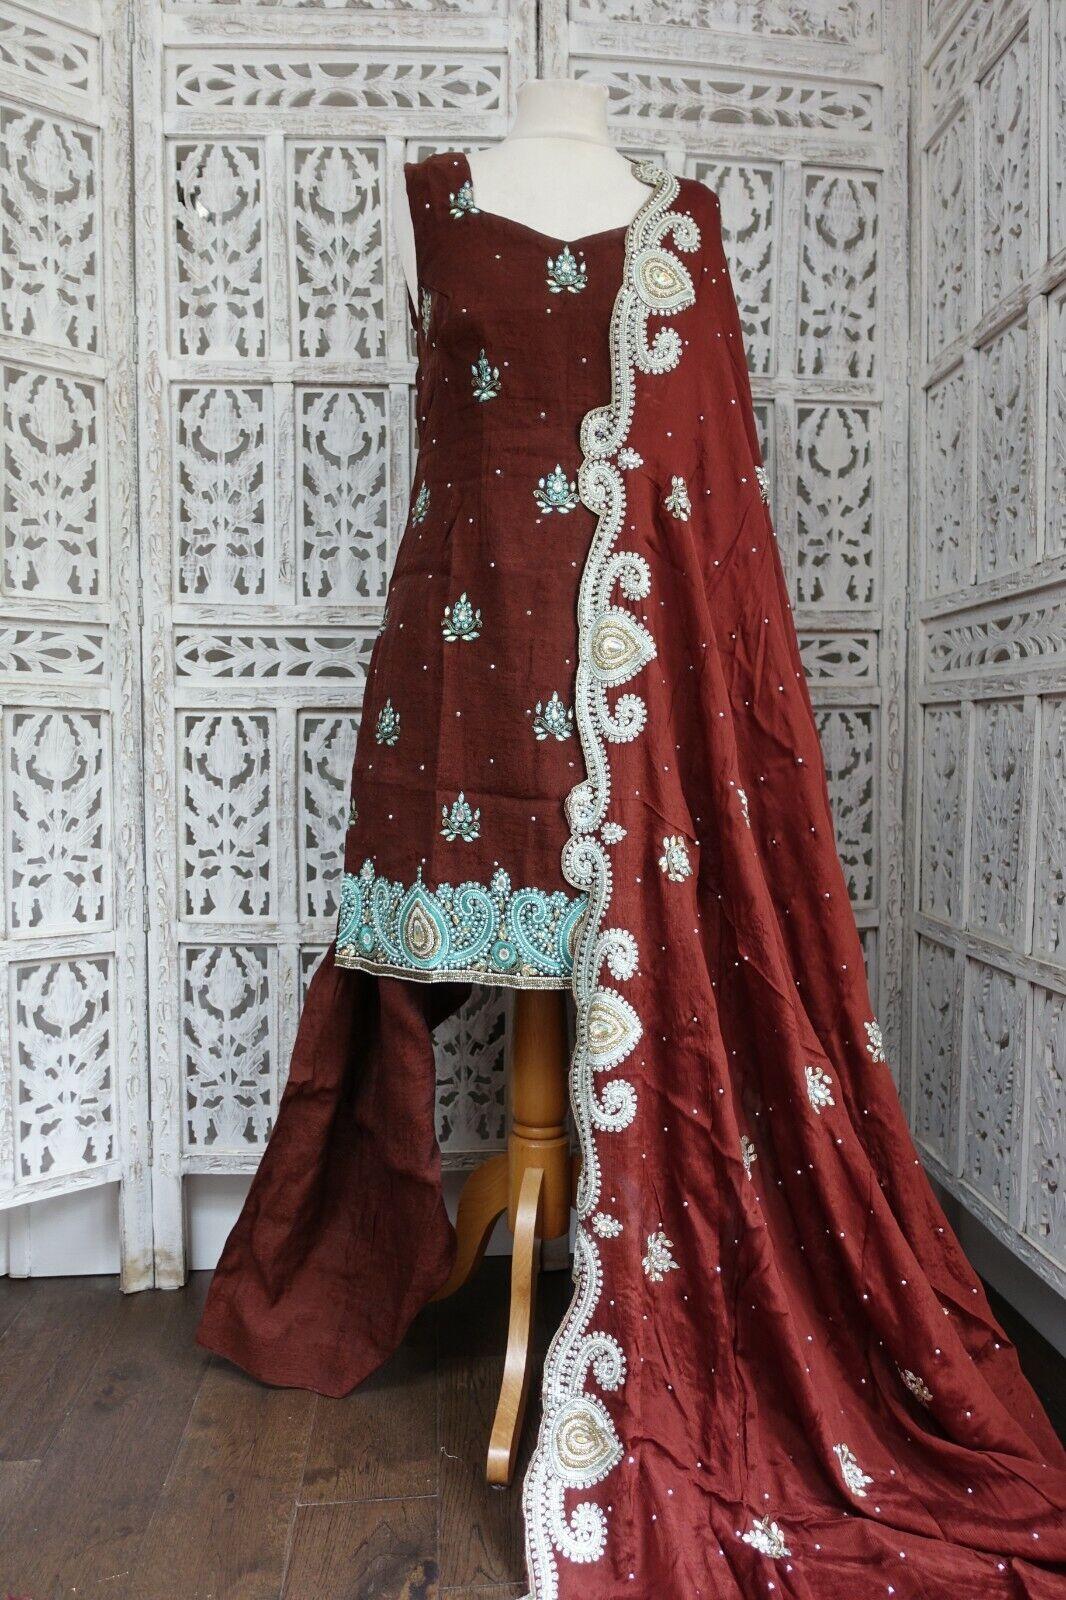 rown embellished Indian salwar kameez UK Size 12 / EU 40 – preloved - SKU16526